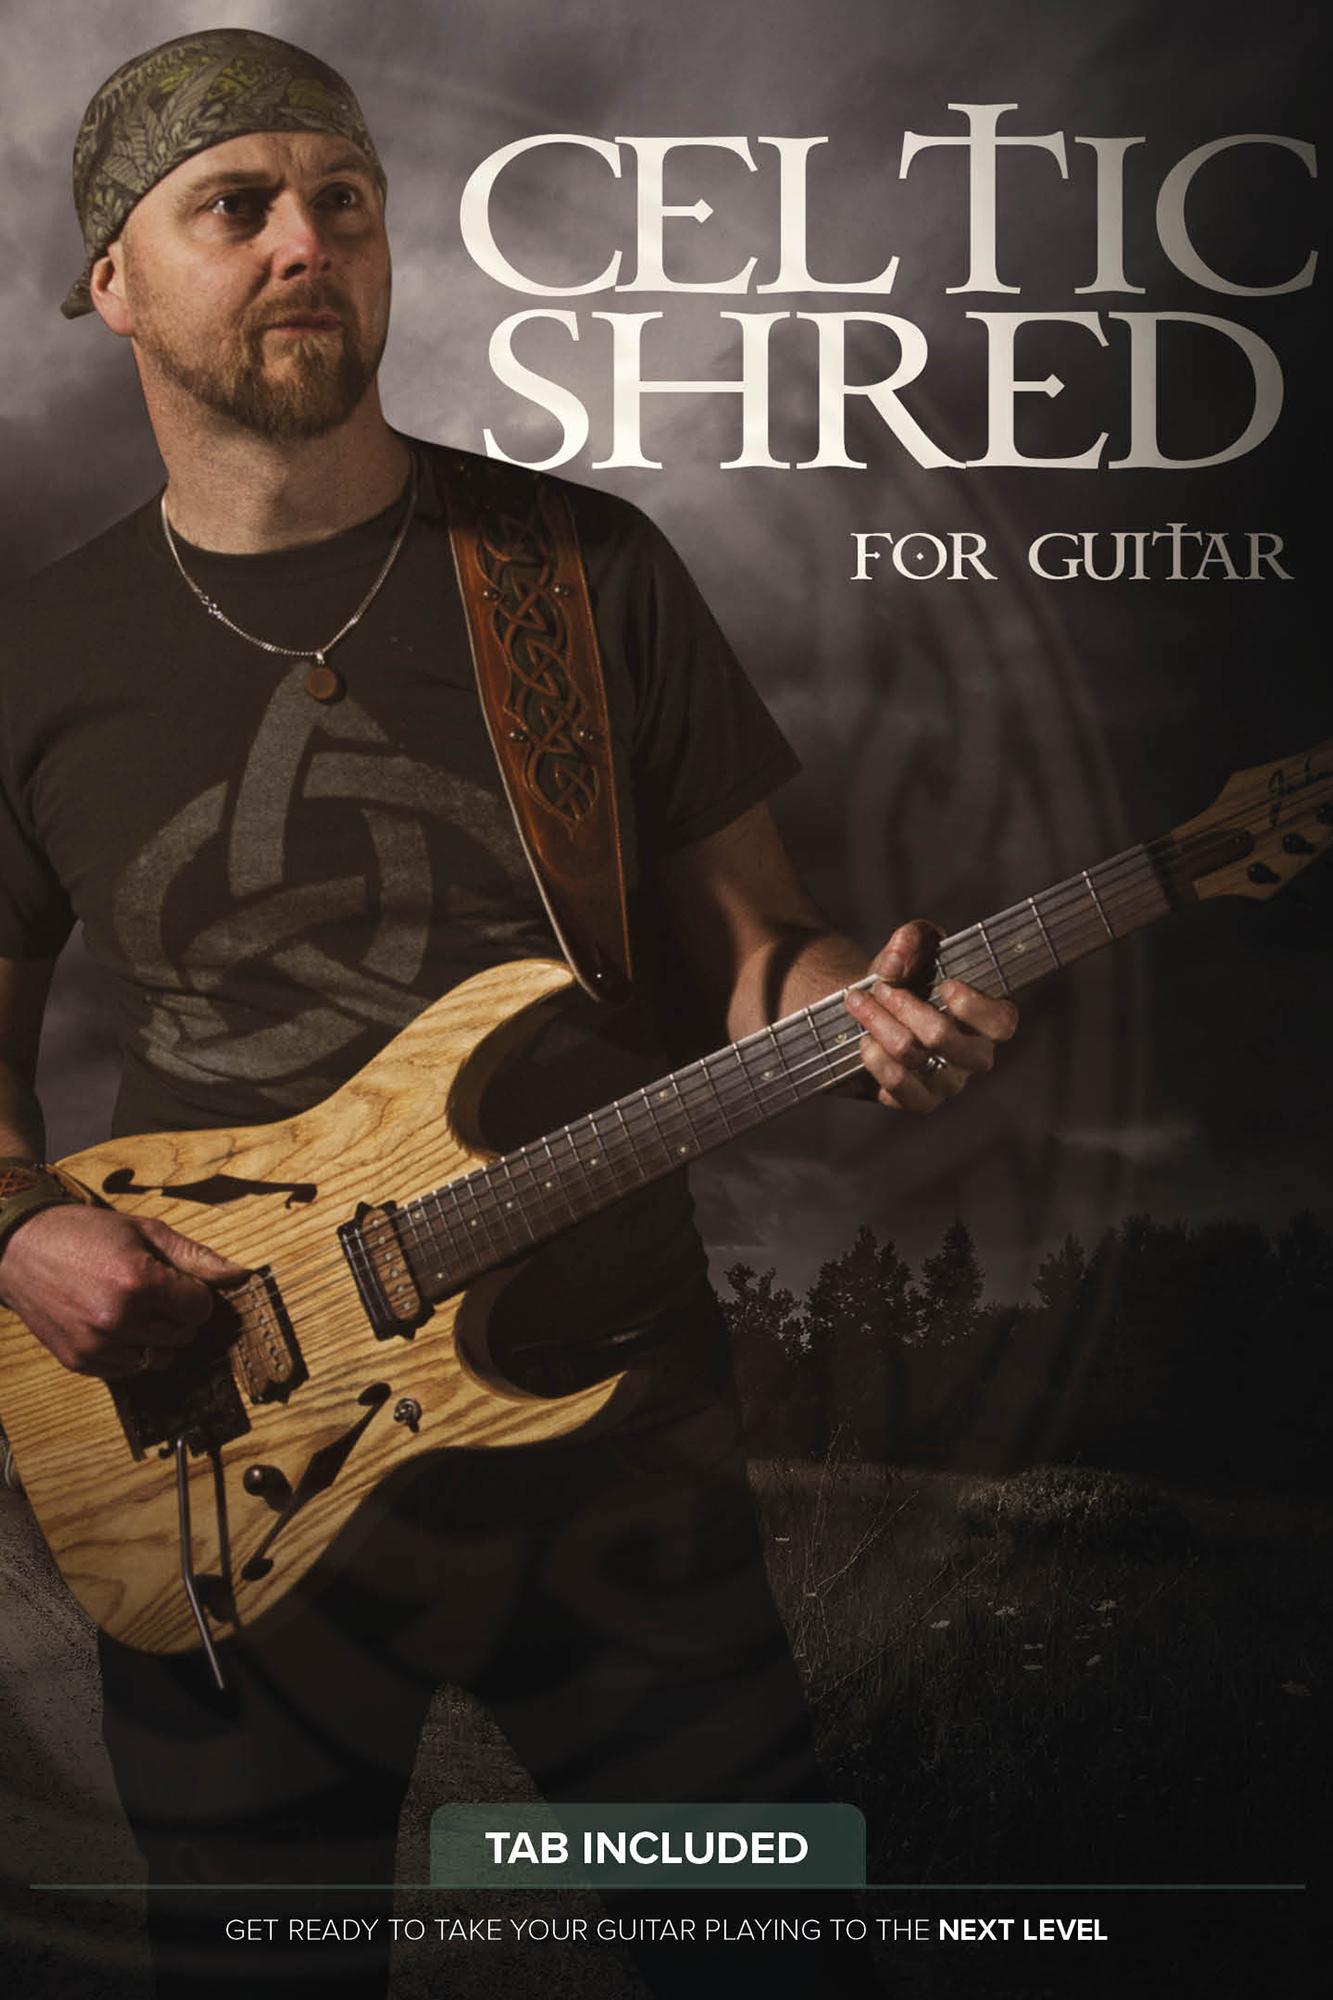 Celtic Shred For Guitar